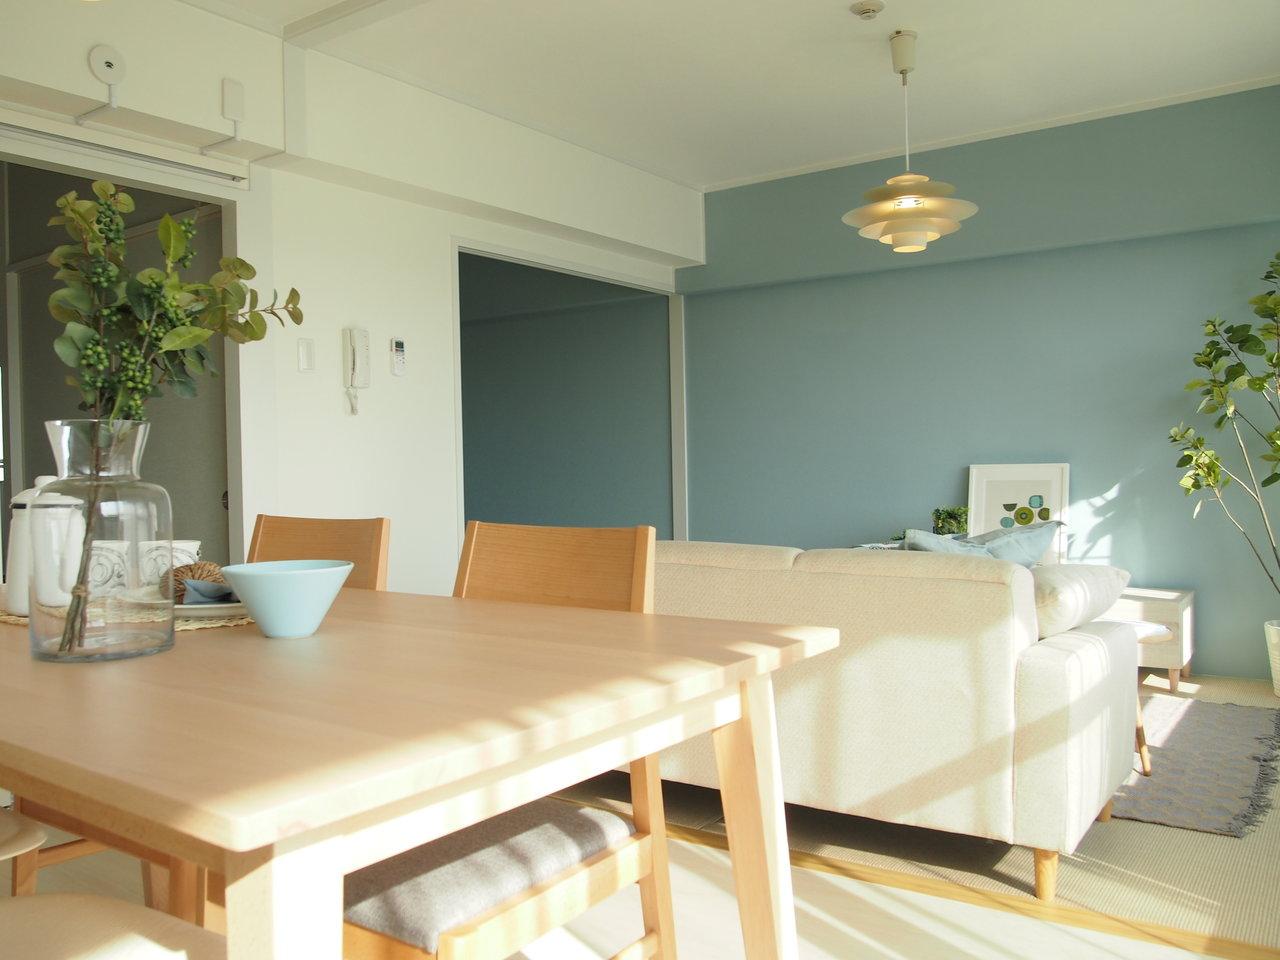 逆サイドからみたリビングはこんな感じ。大型の家具を置いても問題なく過ごせます。何よりこのブルーの壁紙が、北欧好きにはたまりません。